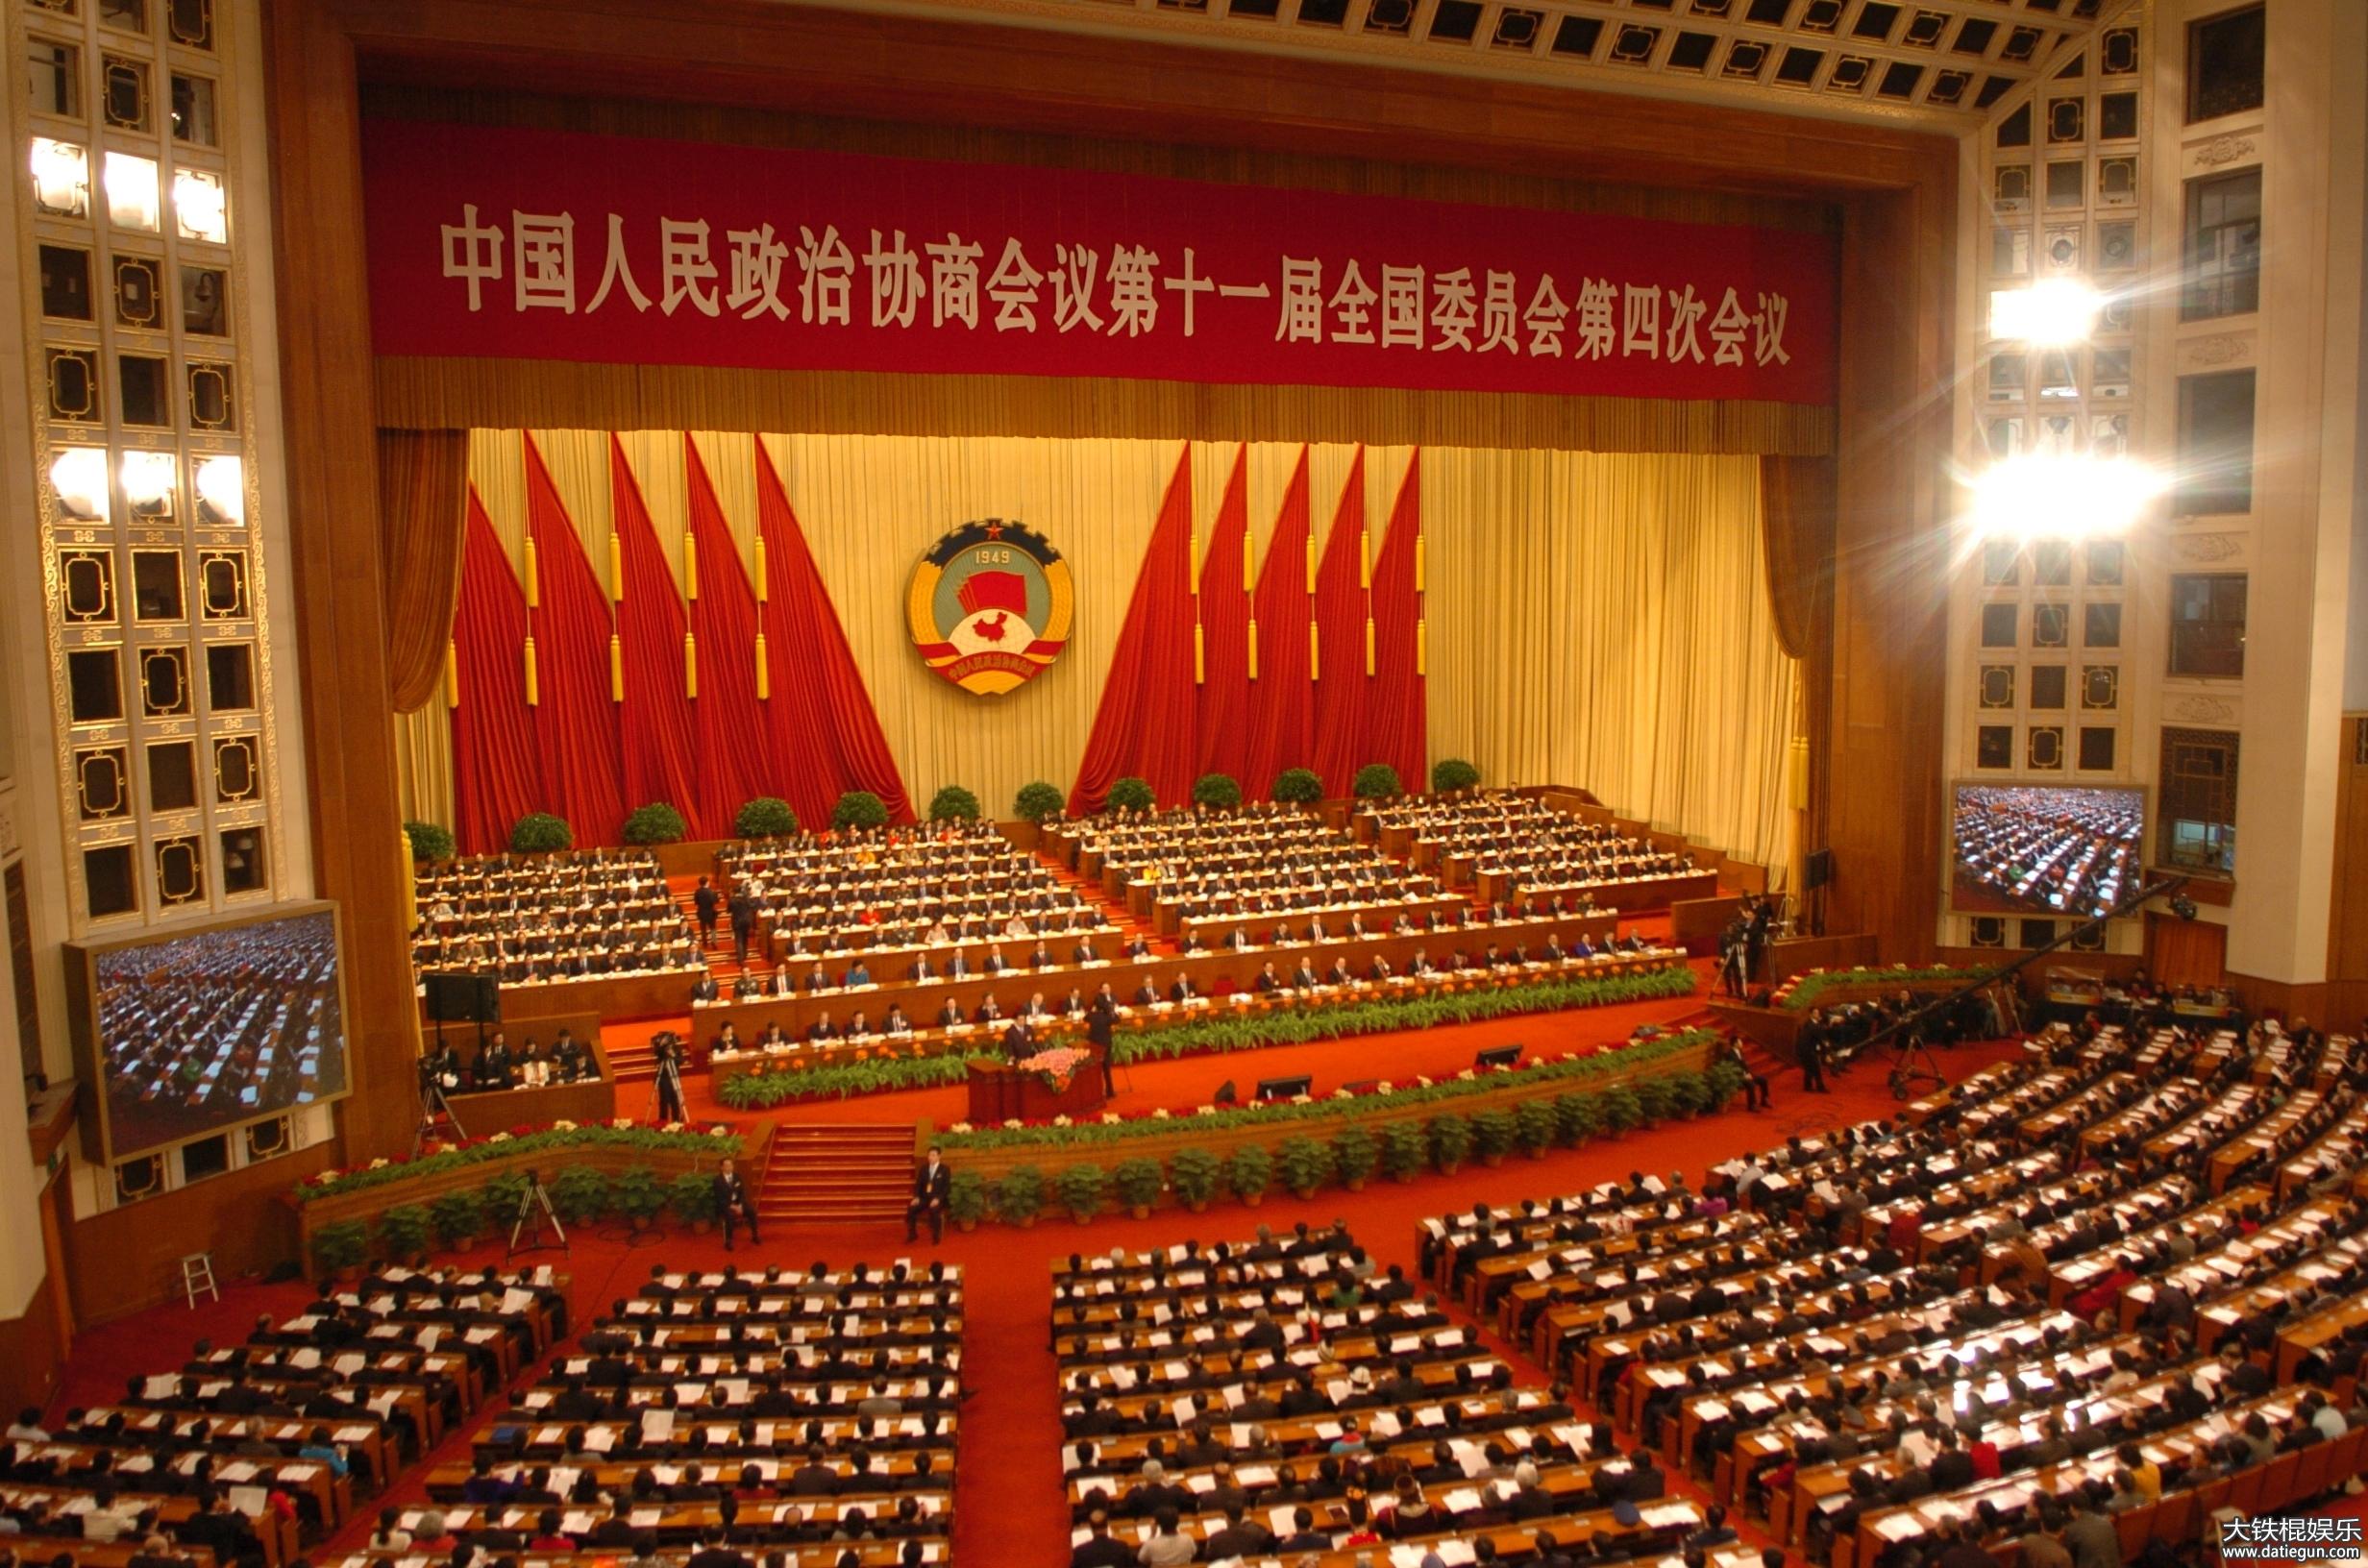 2017年上海两会开展时间,上海两会思想汇报图片 2830797 2464x1632